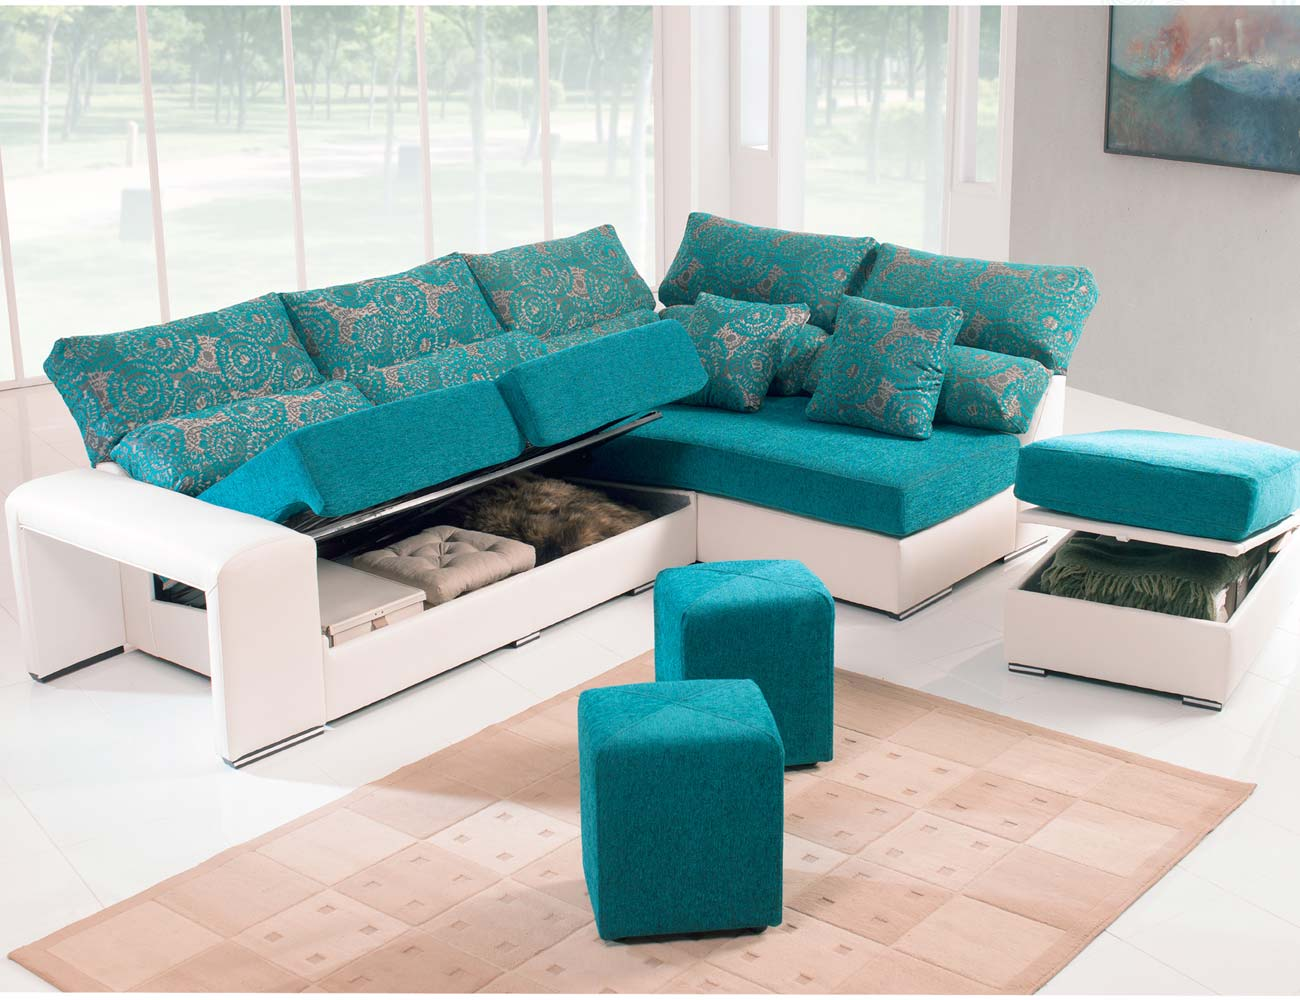 Sofa chaiselongue rincon puff arcon taburete19